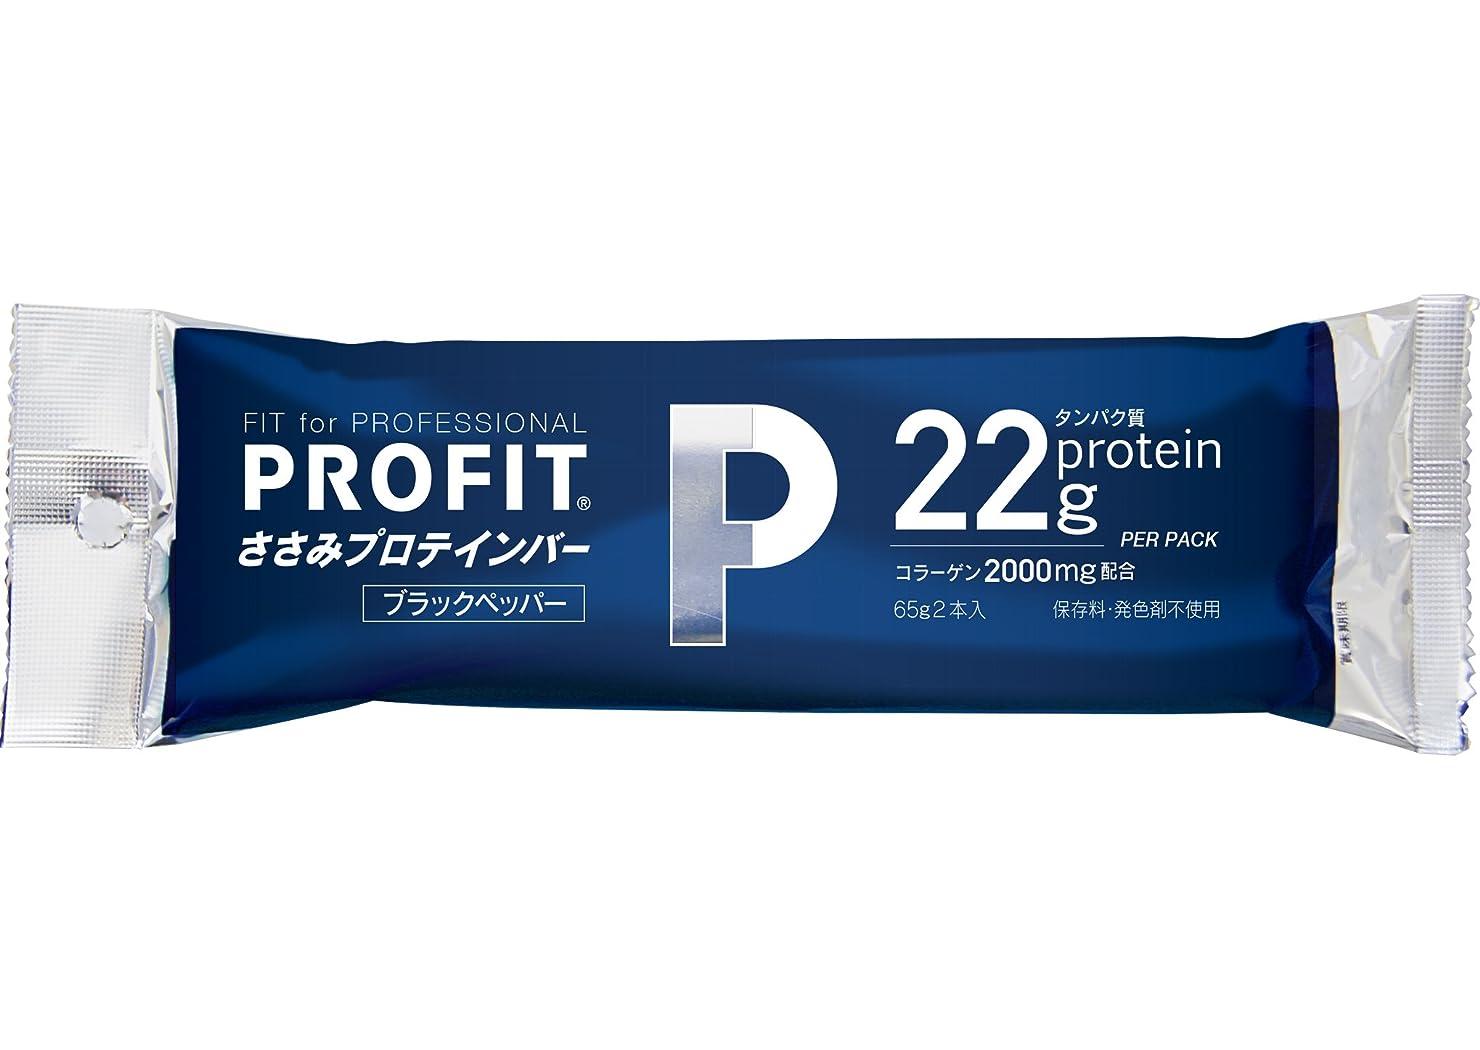 スチュワード遺跡侵入する丸善 PROFIT SaSami (プロフィット) ささみプロテインバー ブラックペッパー 1箱(20袋入り)(40本入り)[ヘルスケア&ダイエット用商品]